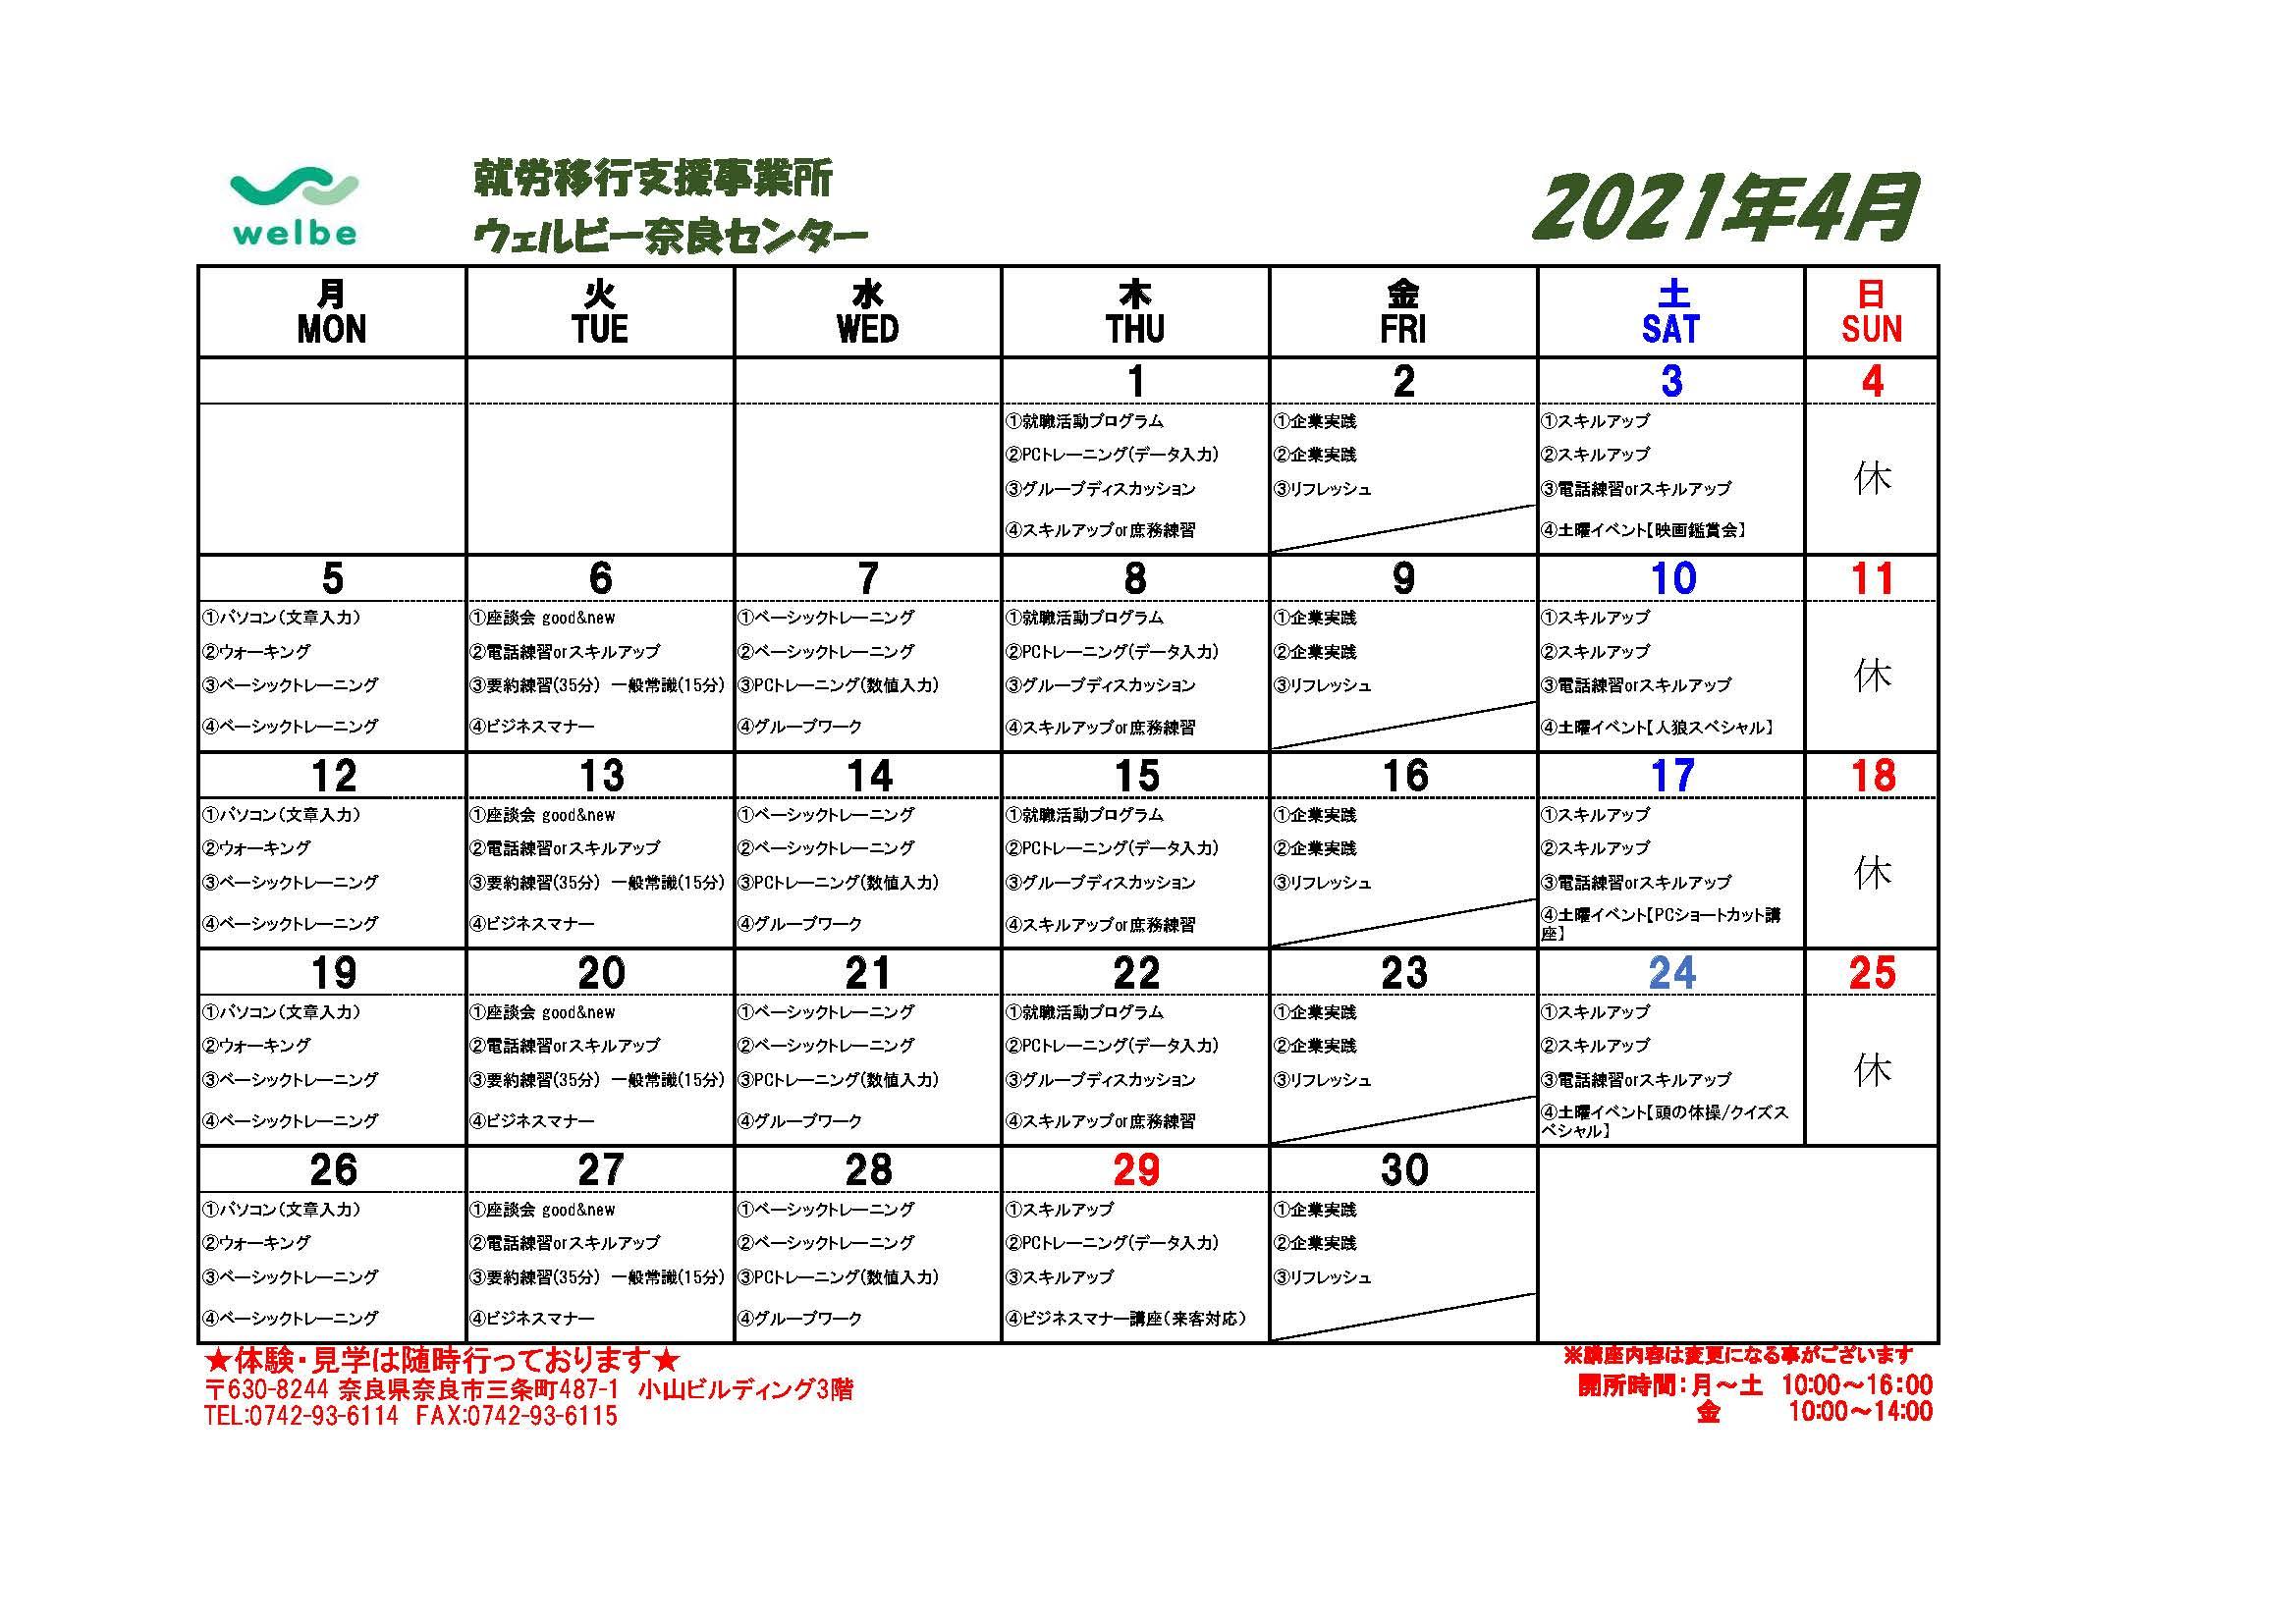 2021年4月奈良センター月間予定